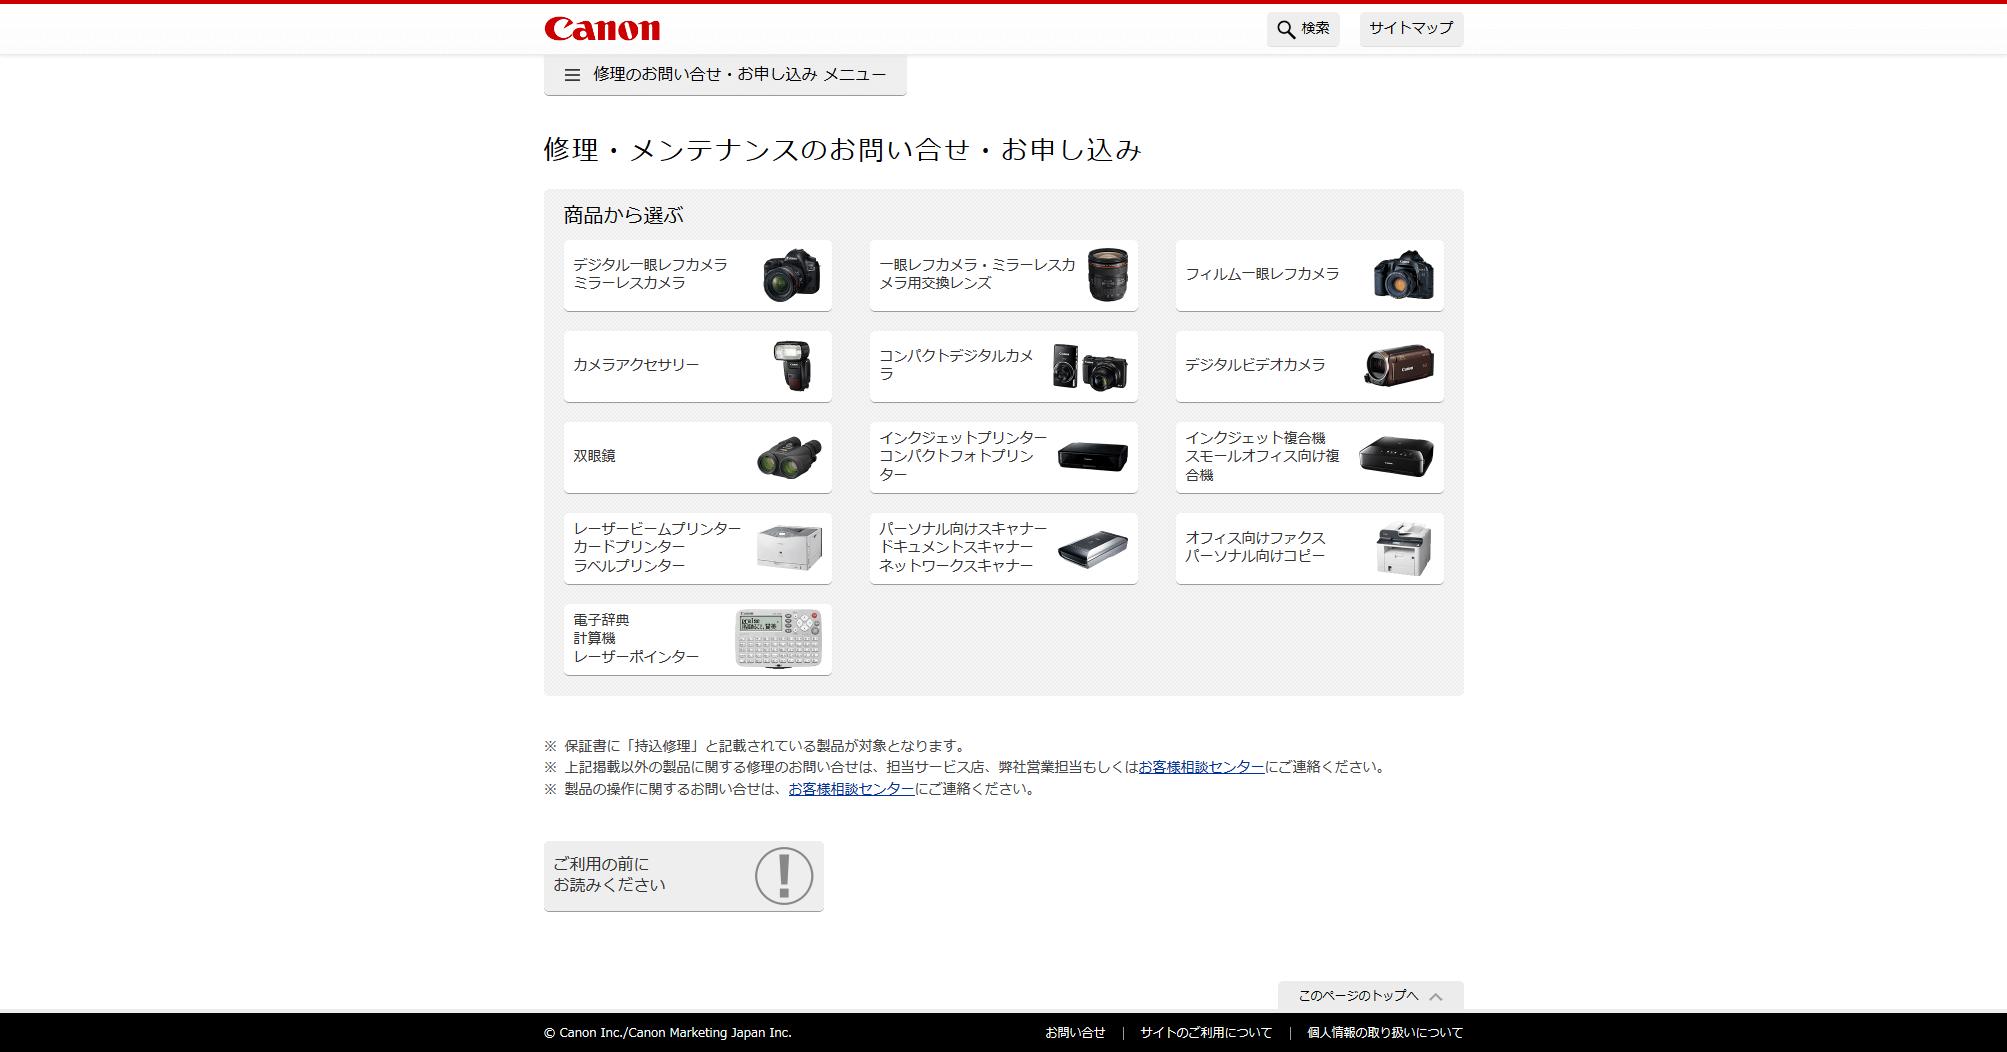 修理・メンテナンスのお問い合せ・お申し込み PowerShot G7 X Mark II canon